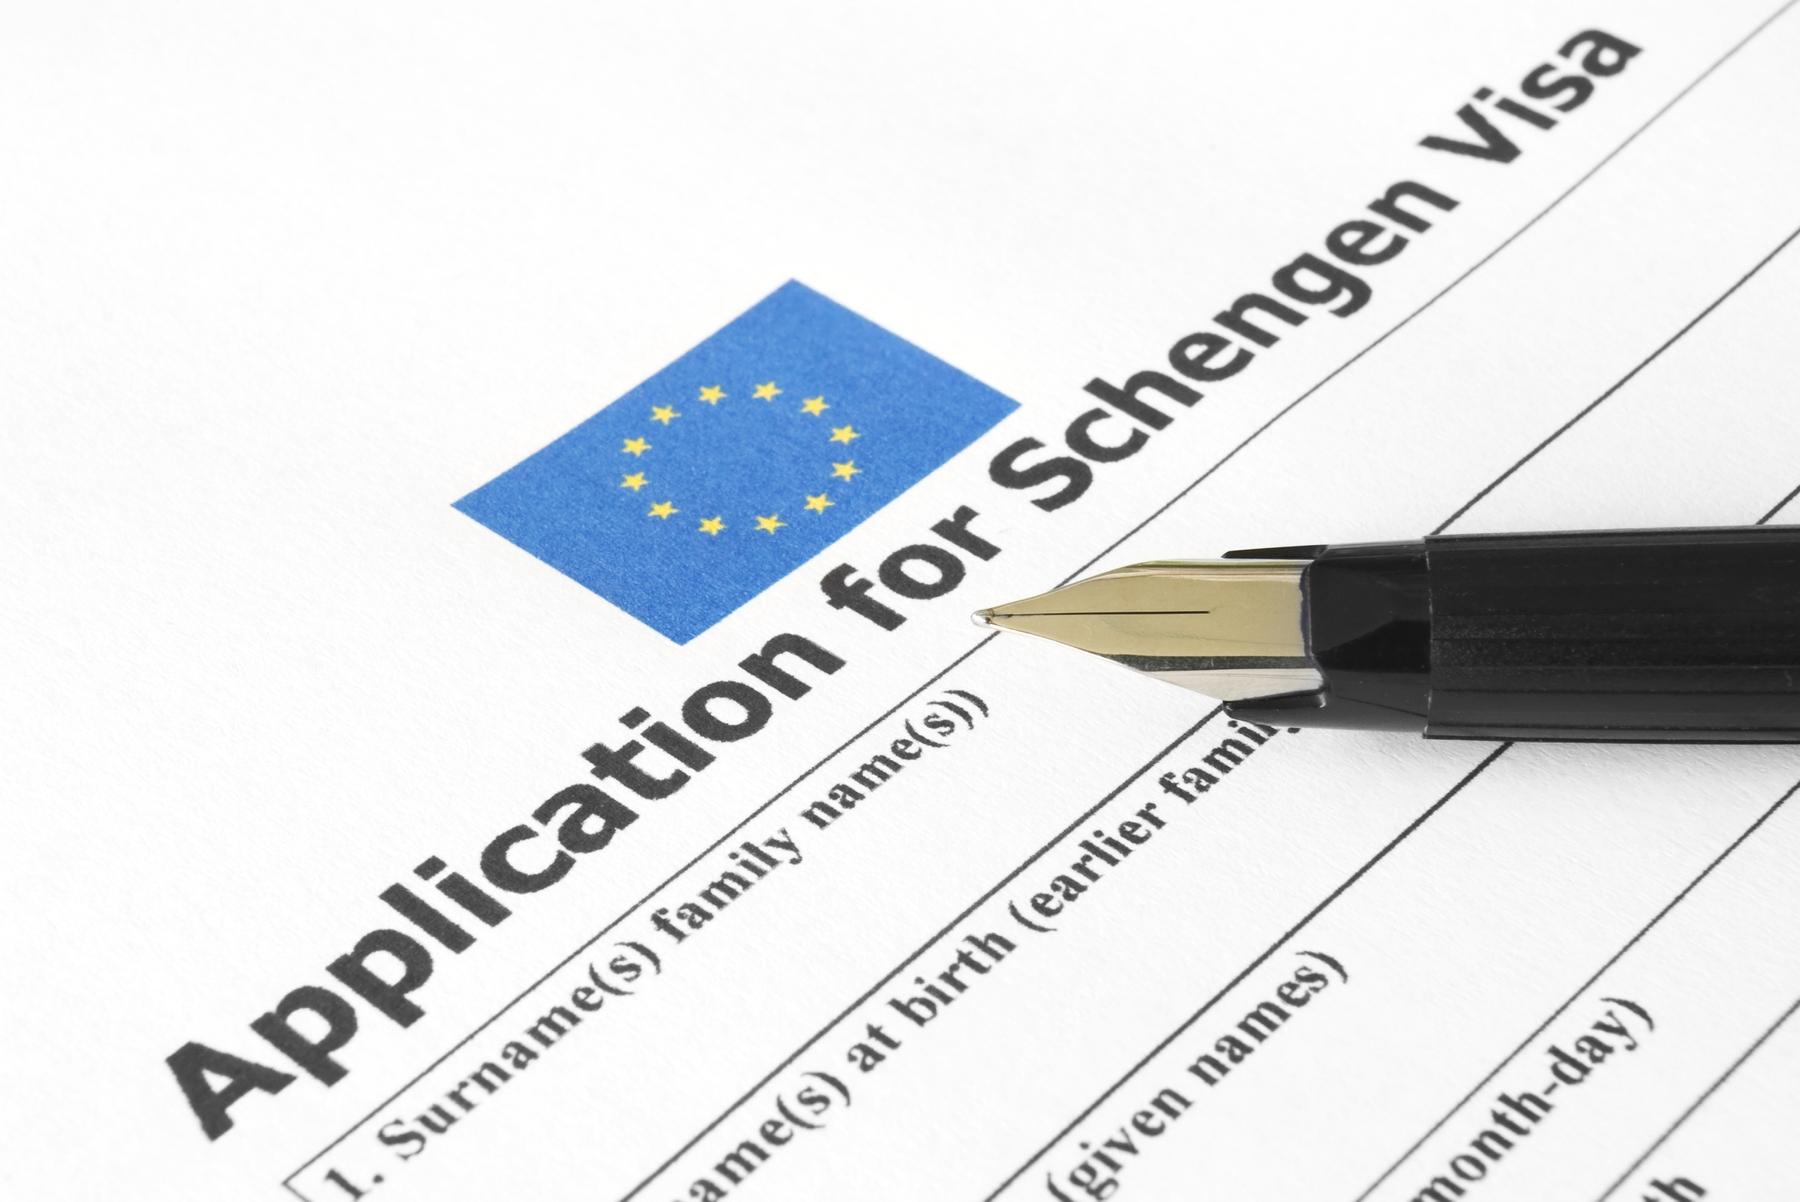 持有台灣護照者可免簽入境荷蘭